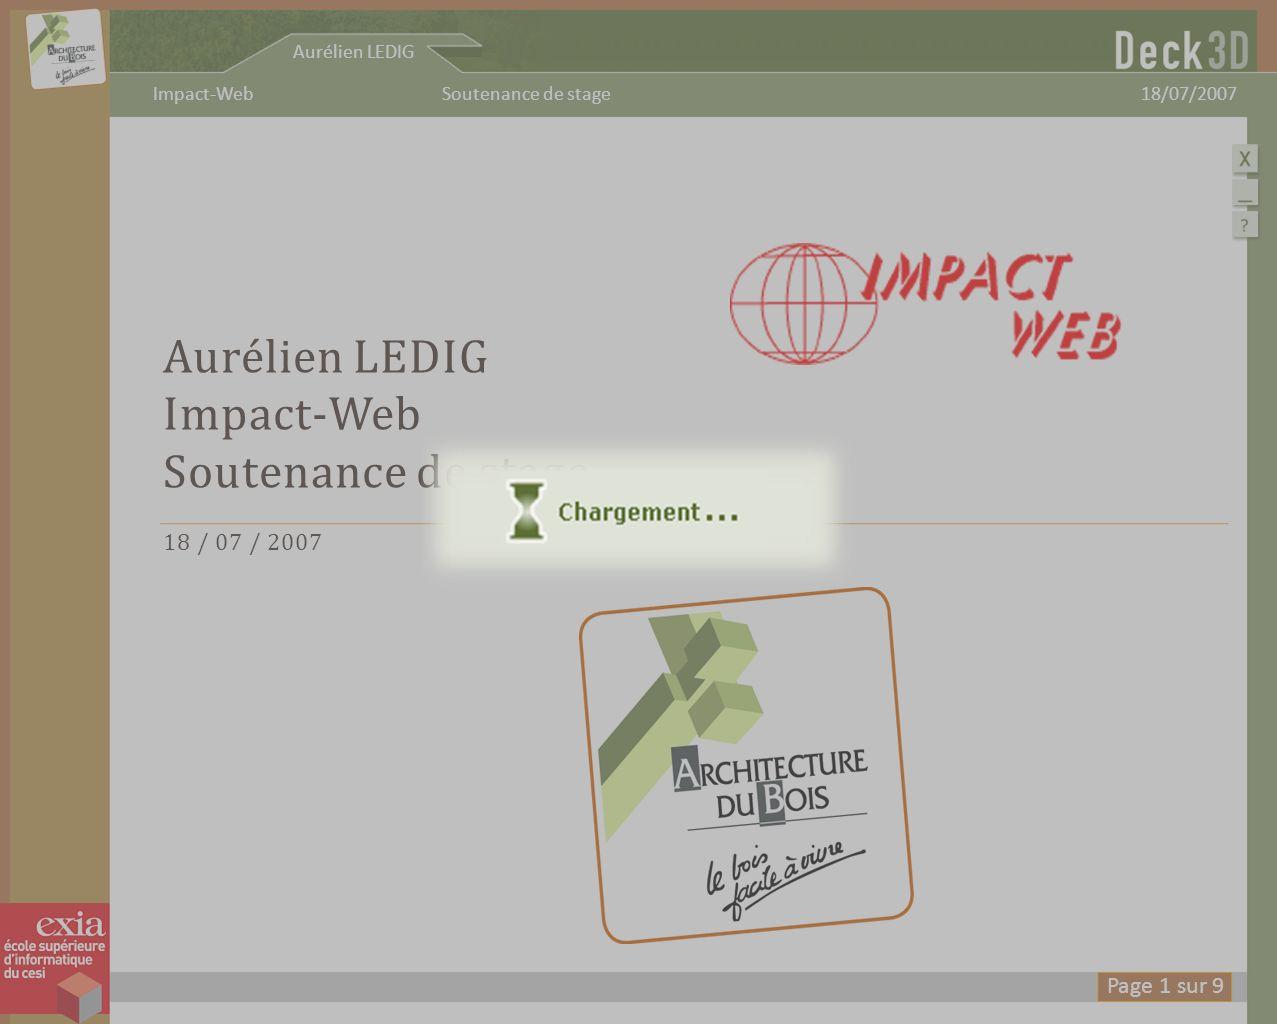 Sommaire I MPACT -W EB D ECK 3D P LANS DE COUPE D IFFICULTÉS A MÉLIORATIONS C ONCLUSION Aurélien LEDIG 18/07/2007Soutenance de stageImpact-Web Page 2 sur 9